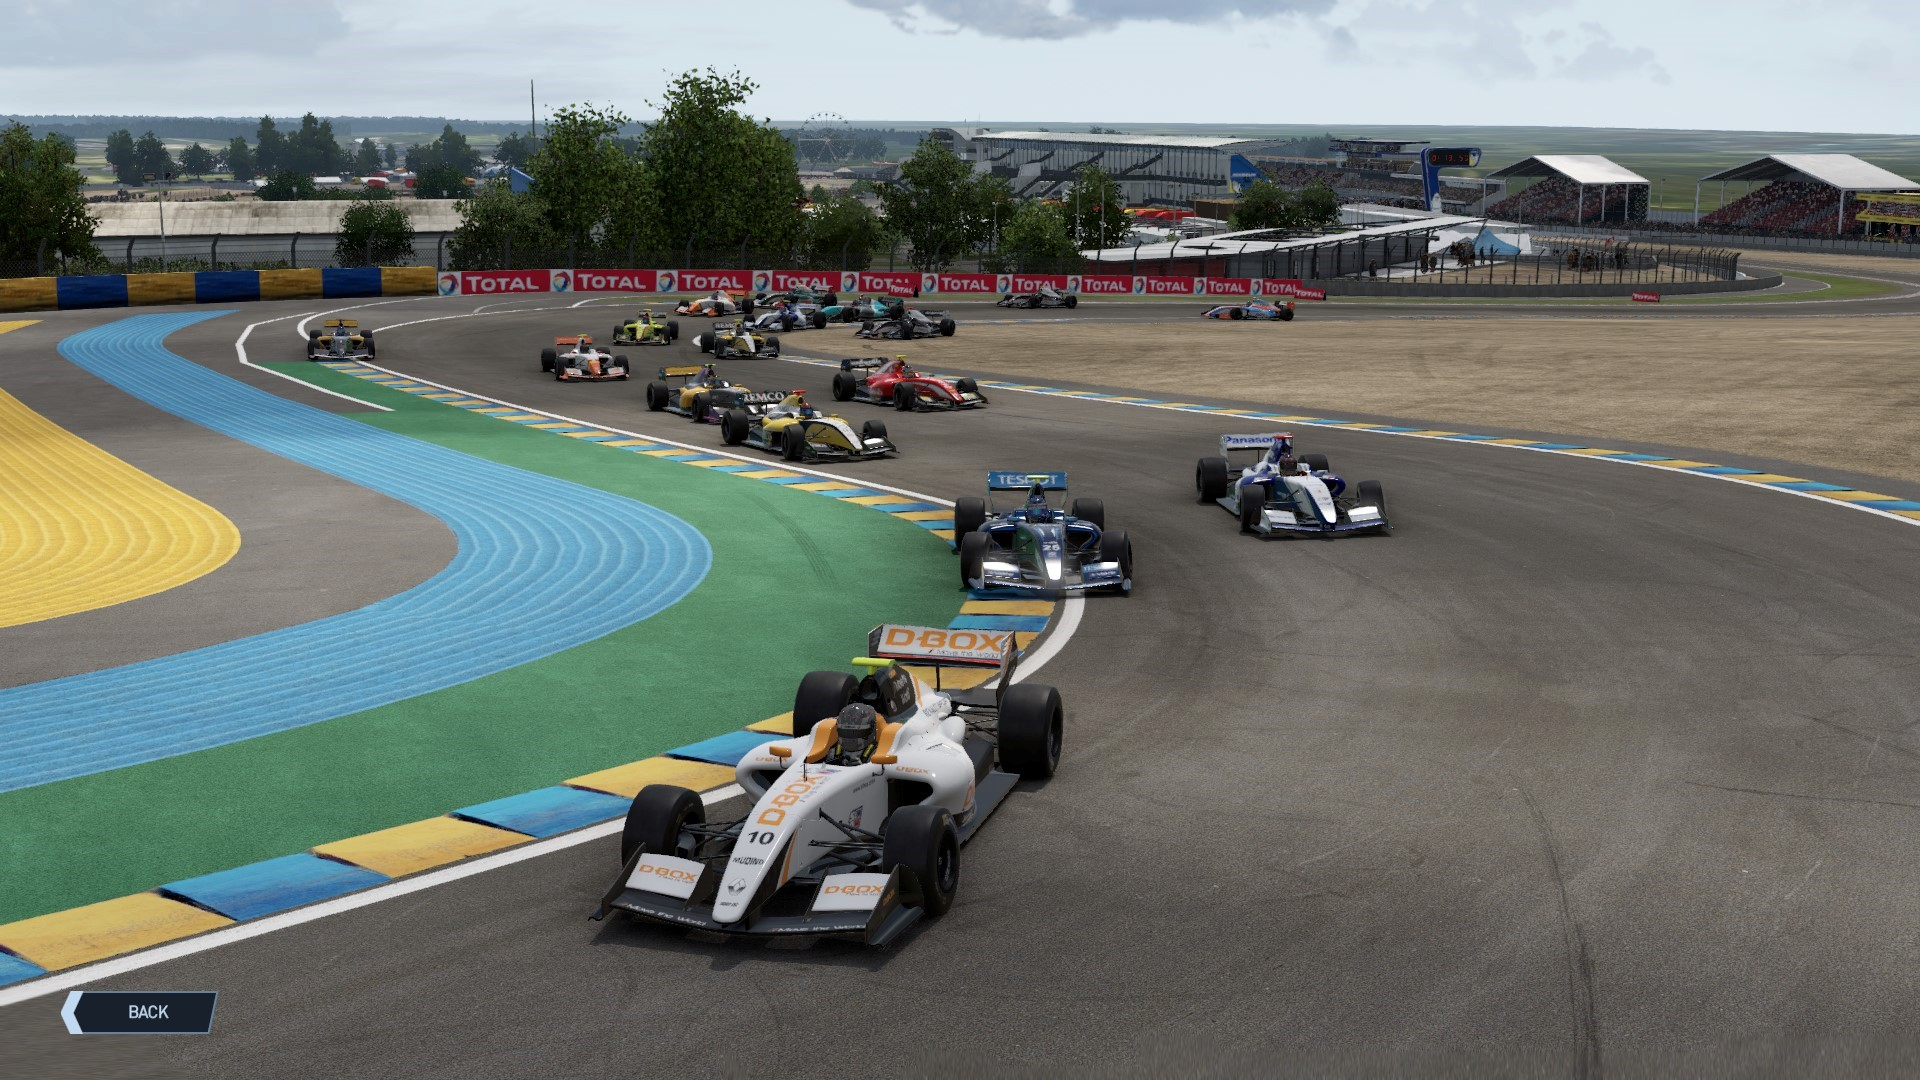 Project Cars 2 – Formula Renault 3.5 Bajnokság